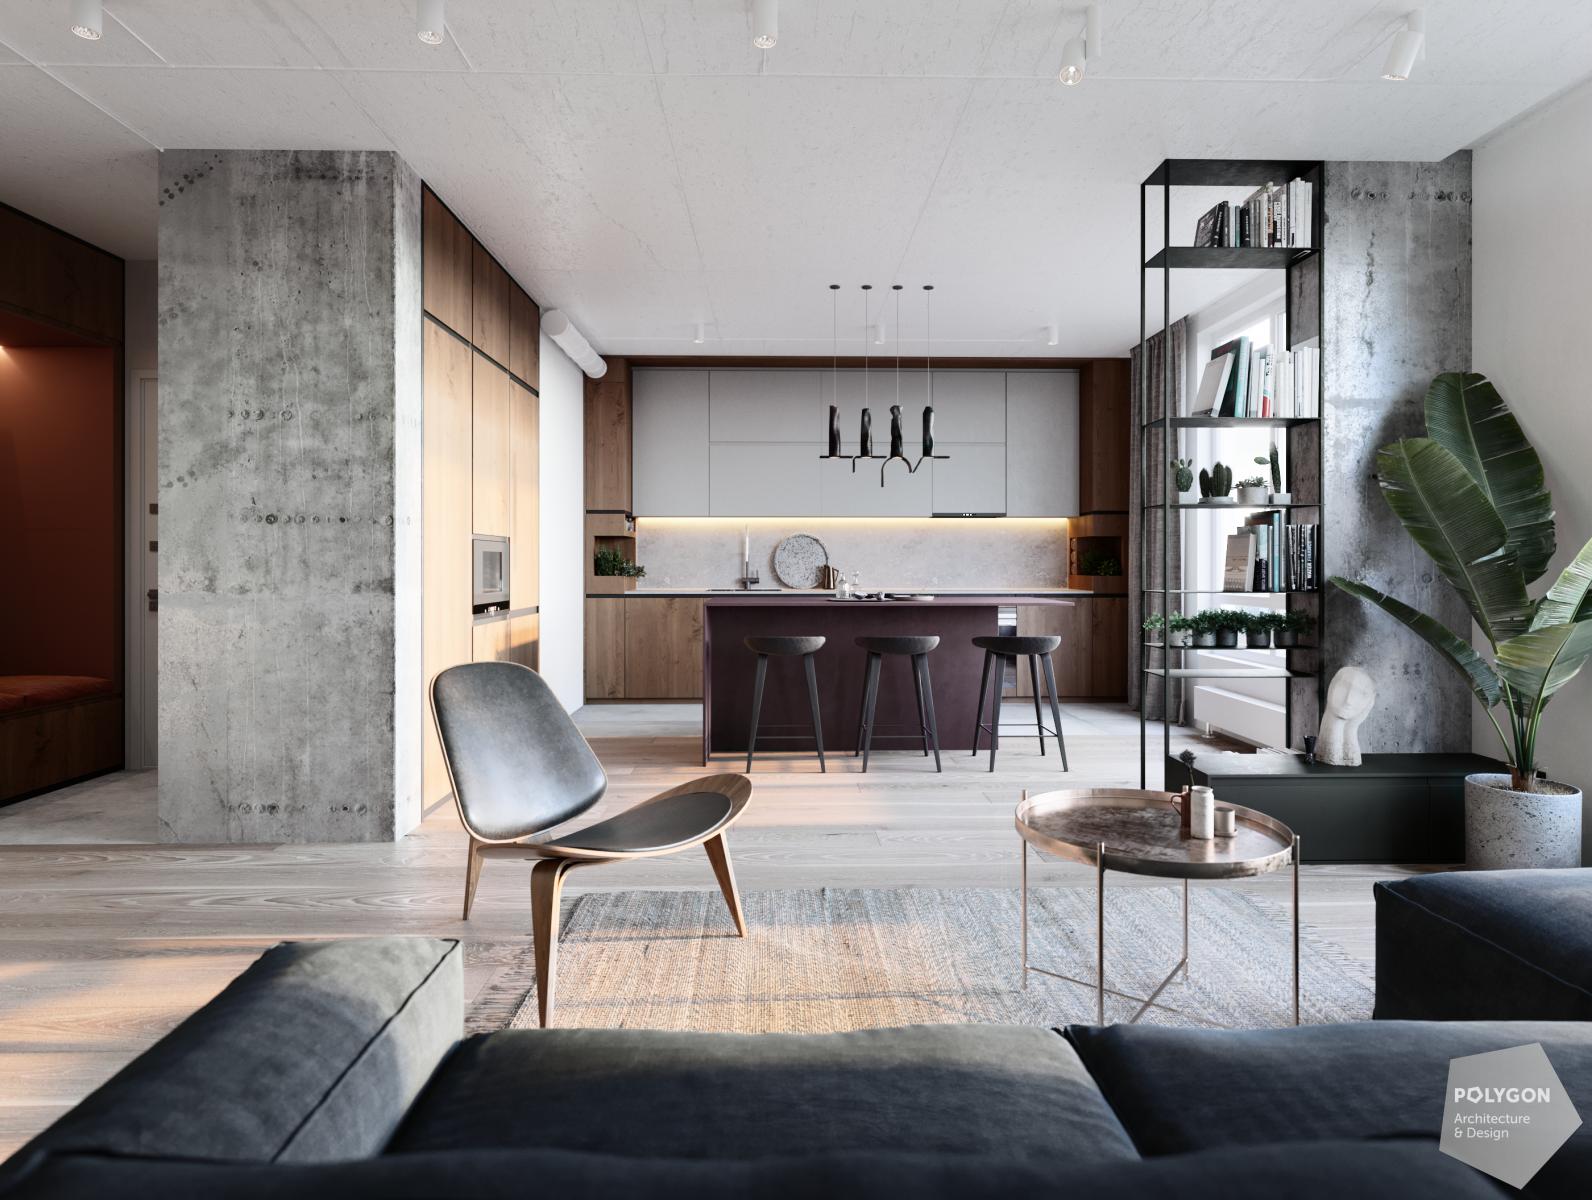 візуалізація інтер'єру вітальні у #love_apartment від polygon